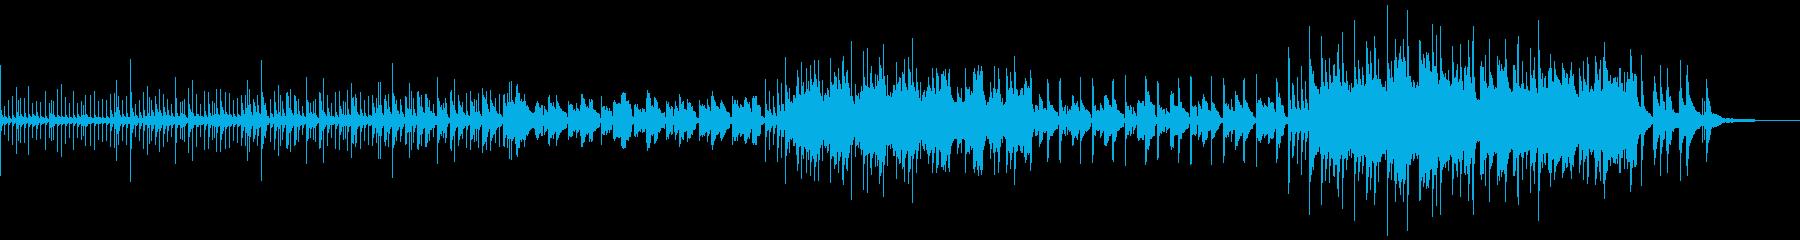 哀愁のあるノスタルジック系BGMの再生済みの波形